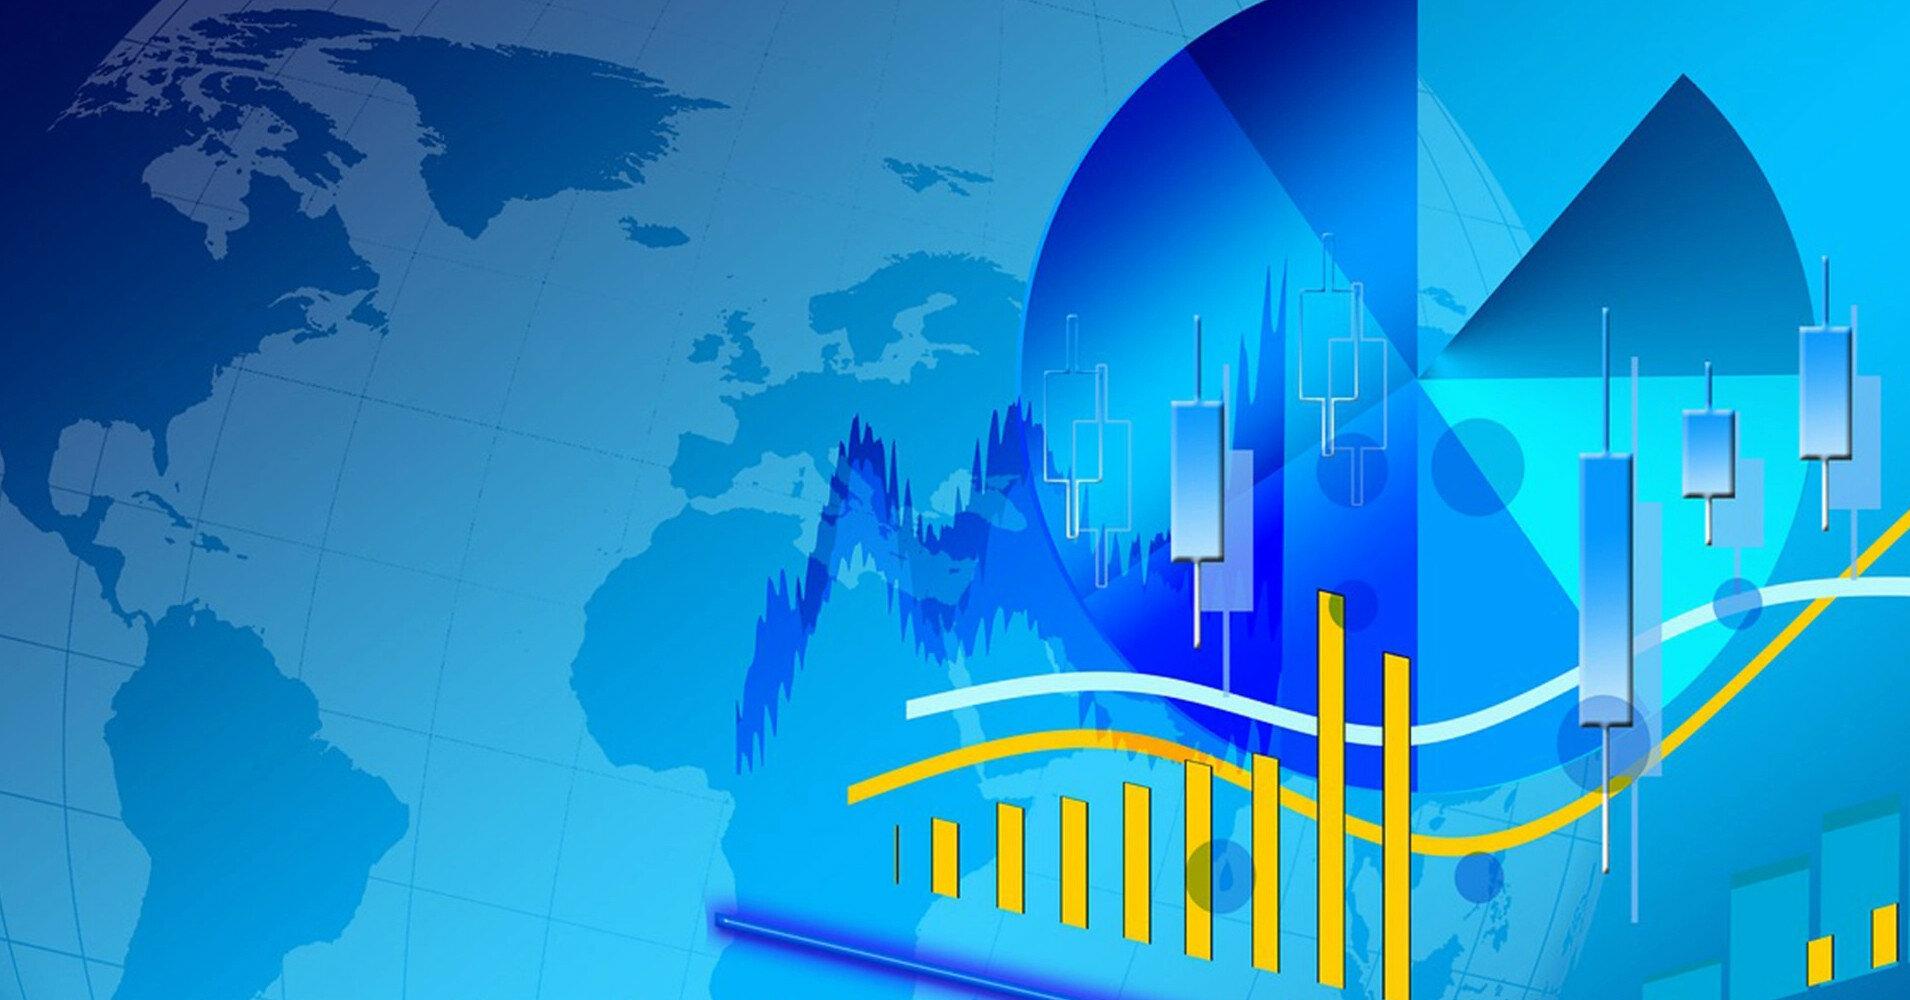 Новые цены, курс доллара и тарифы: что изменится в сентябре